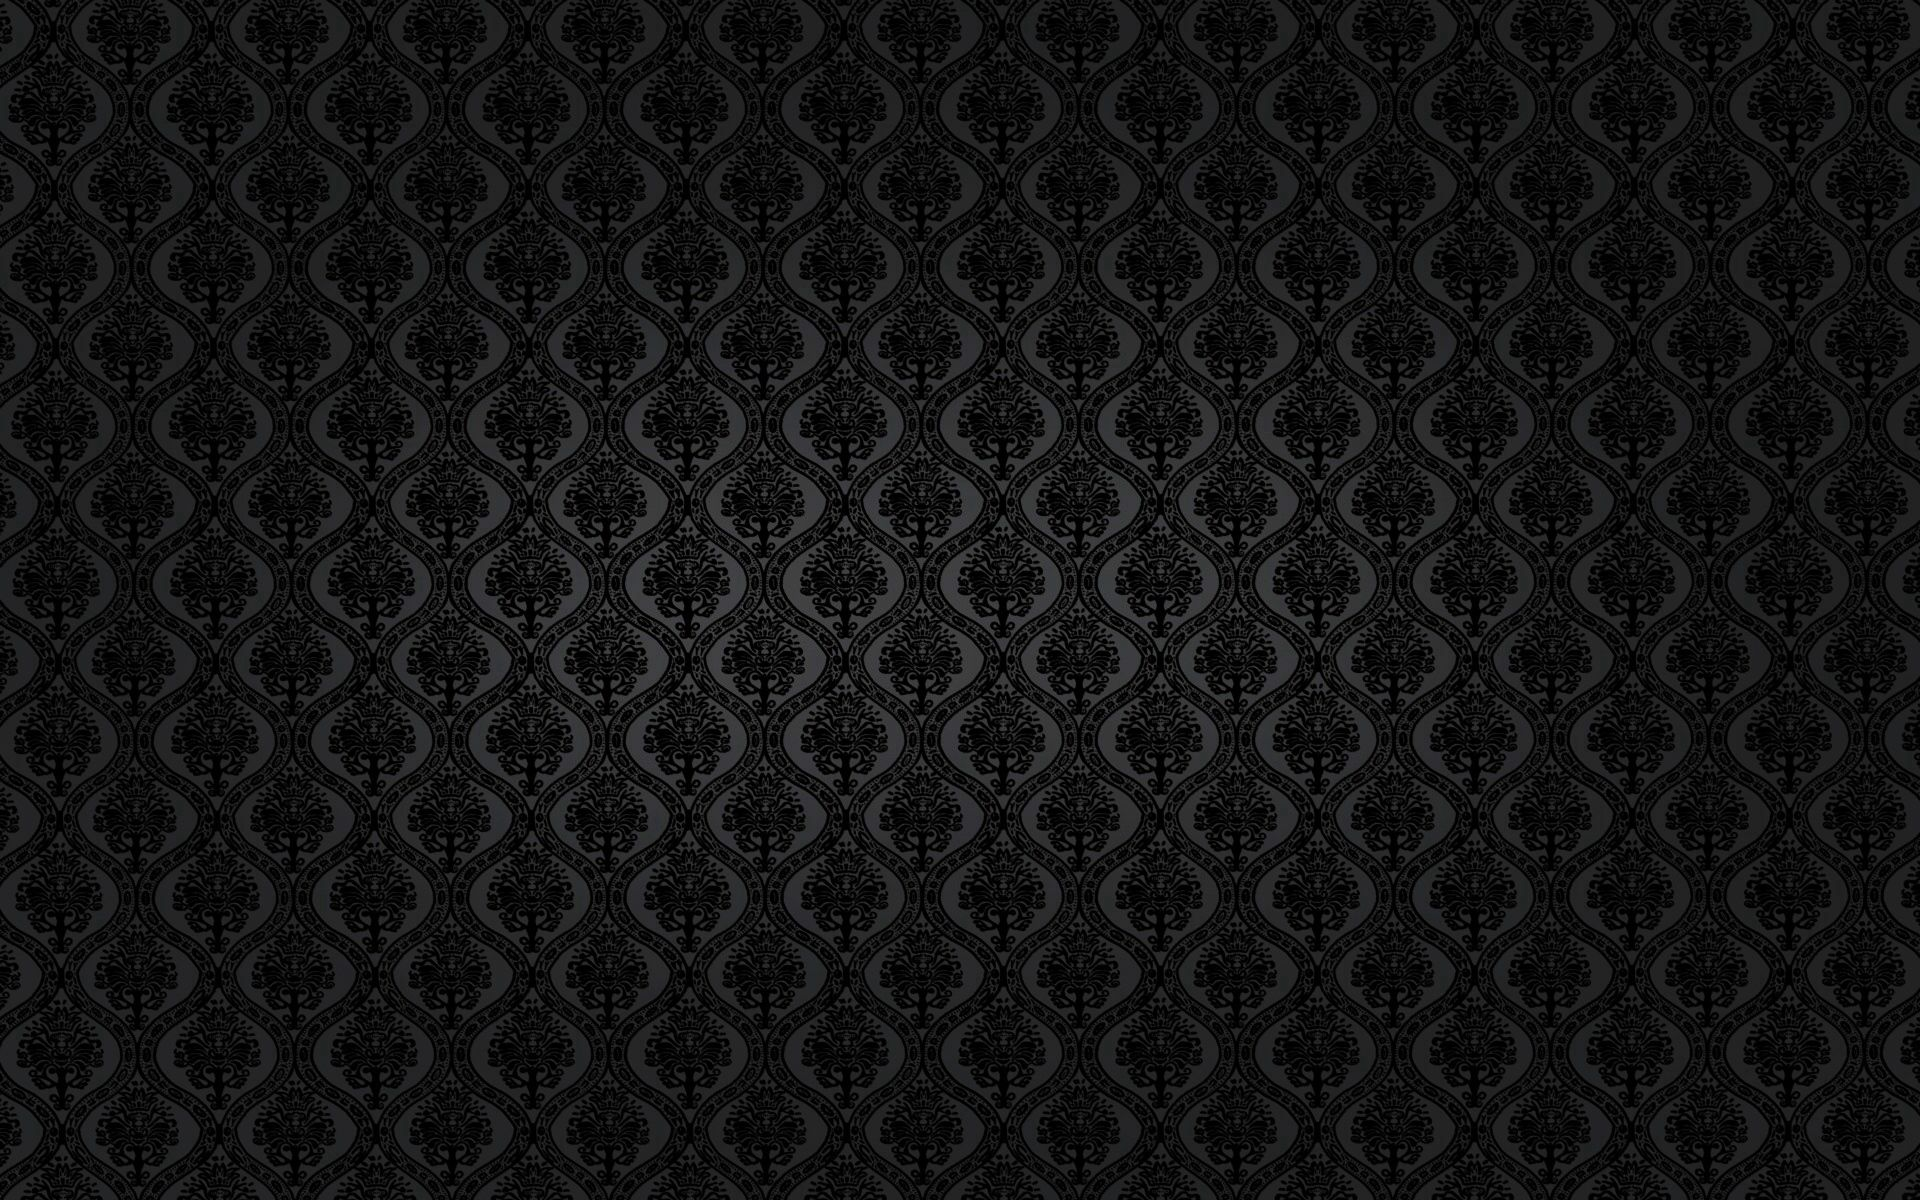 94214 Hintergrundbild herunterladen Kreise, Dunkel, Textur, Texturen, Das Schwarze - Bildschirmschoner und Bilder kostenlos